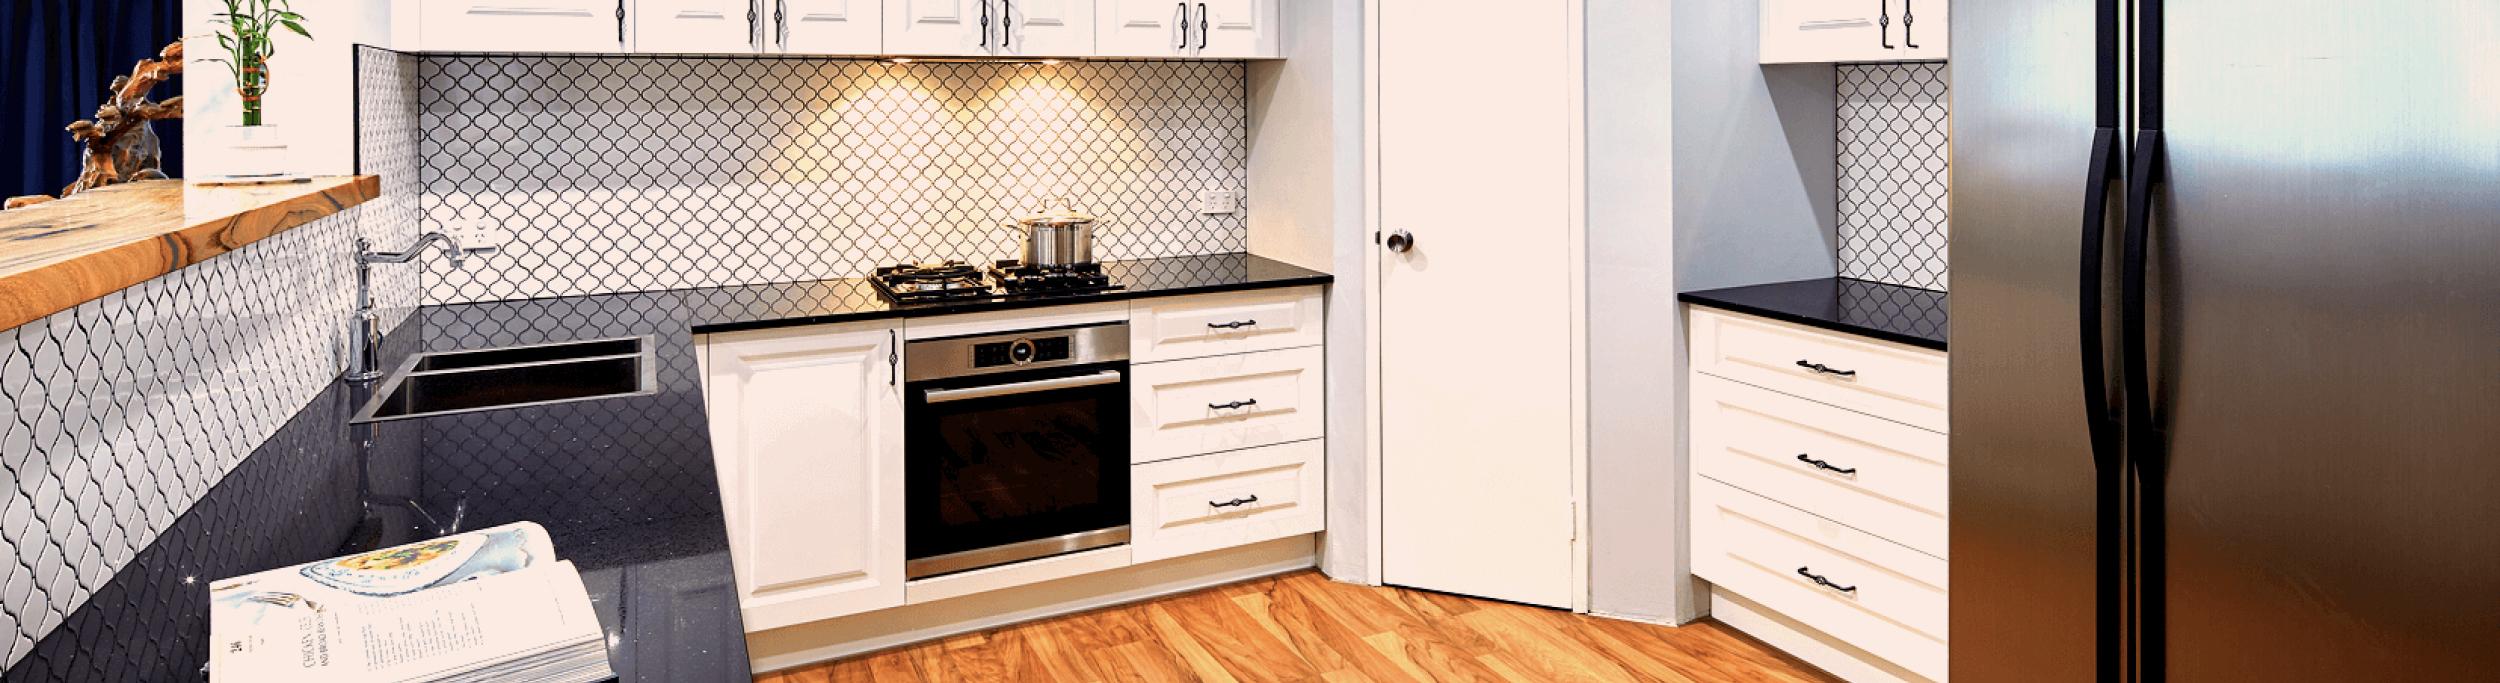 yanchep-kitchen.jpg